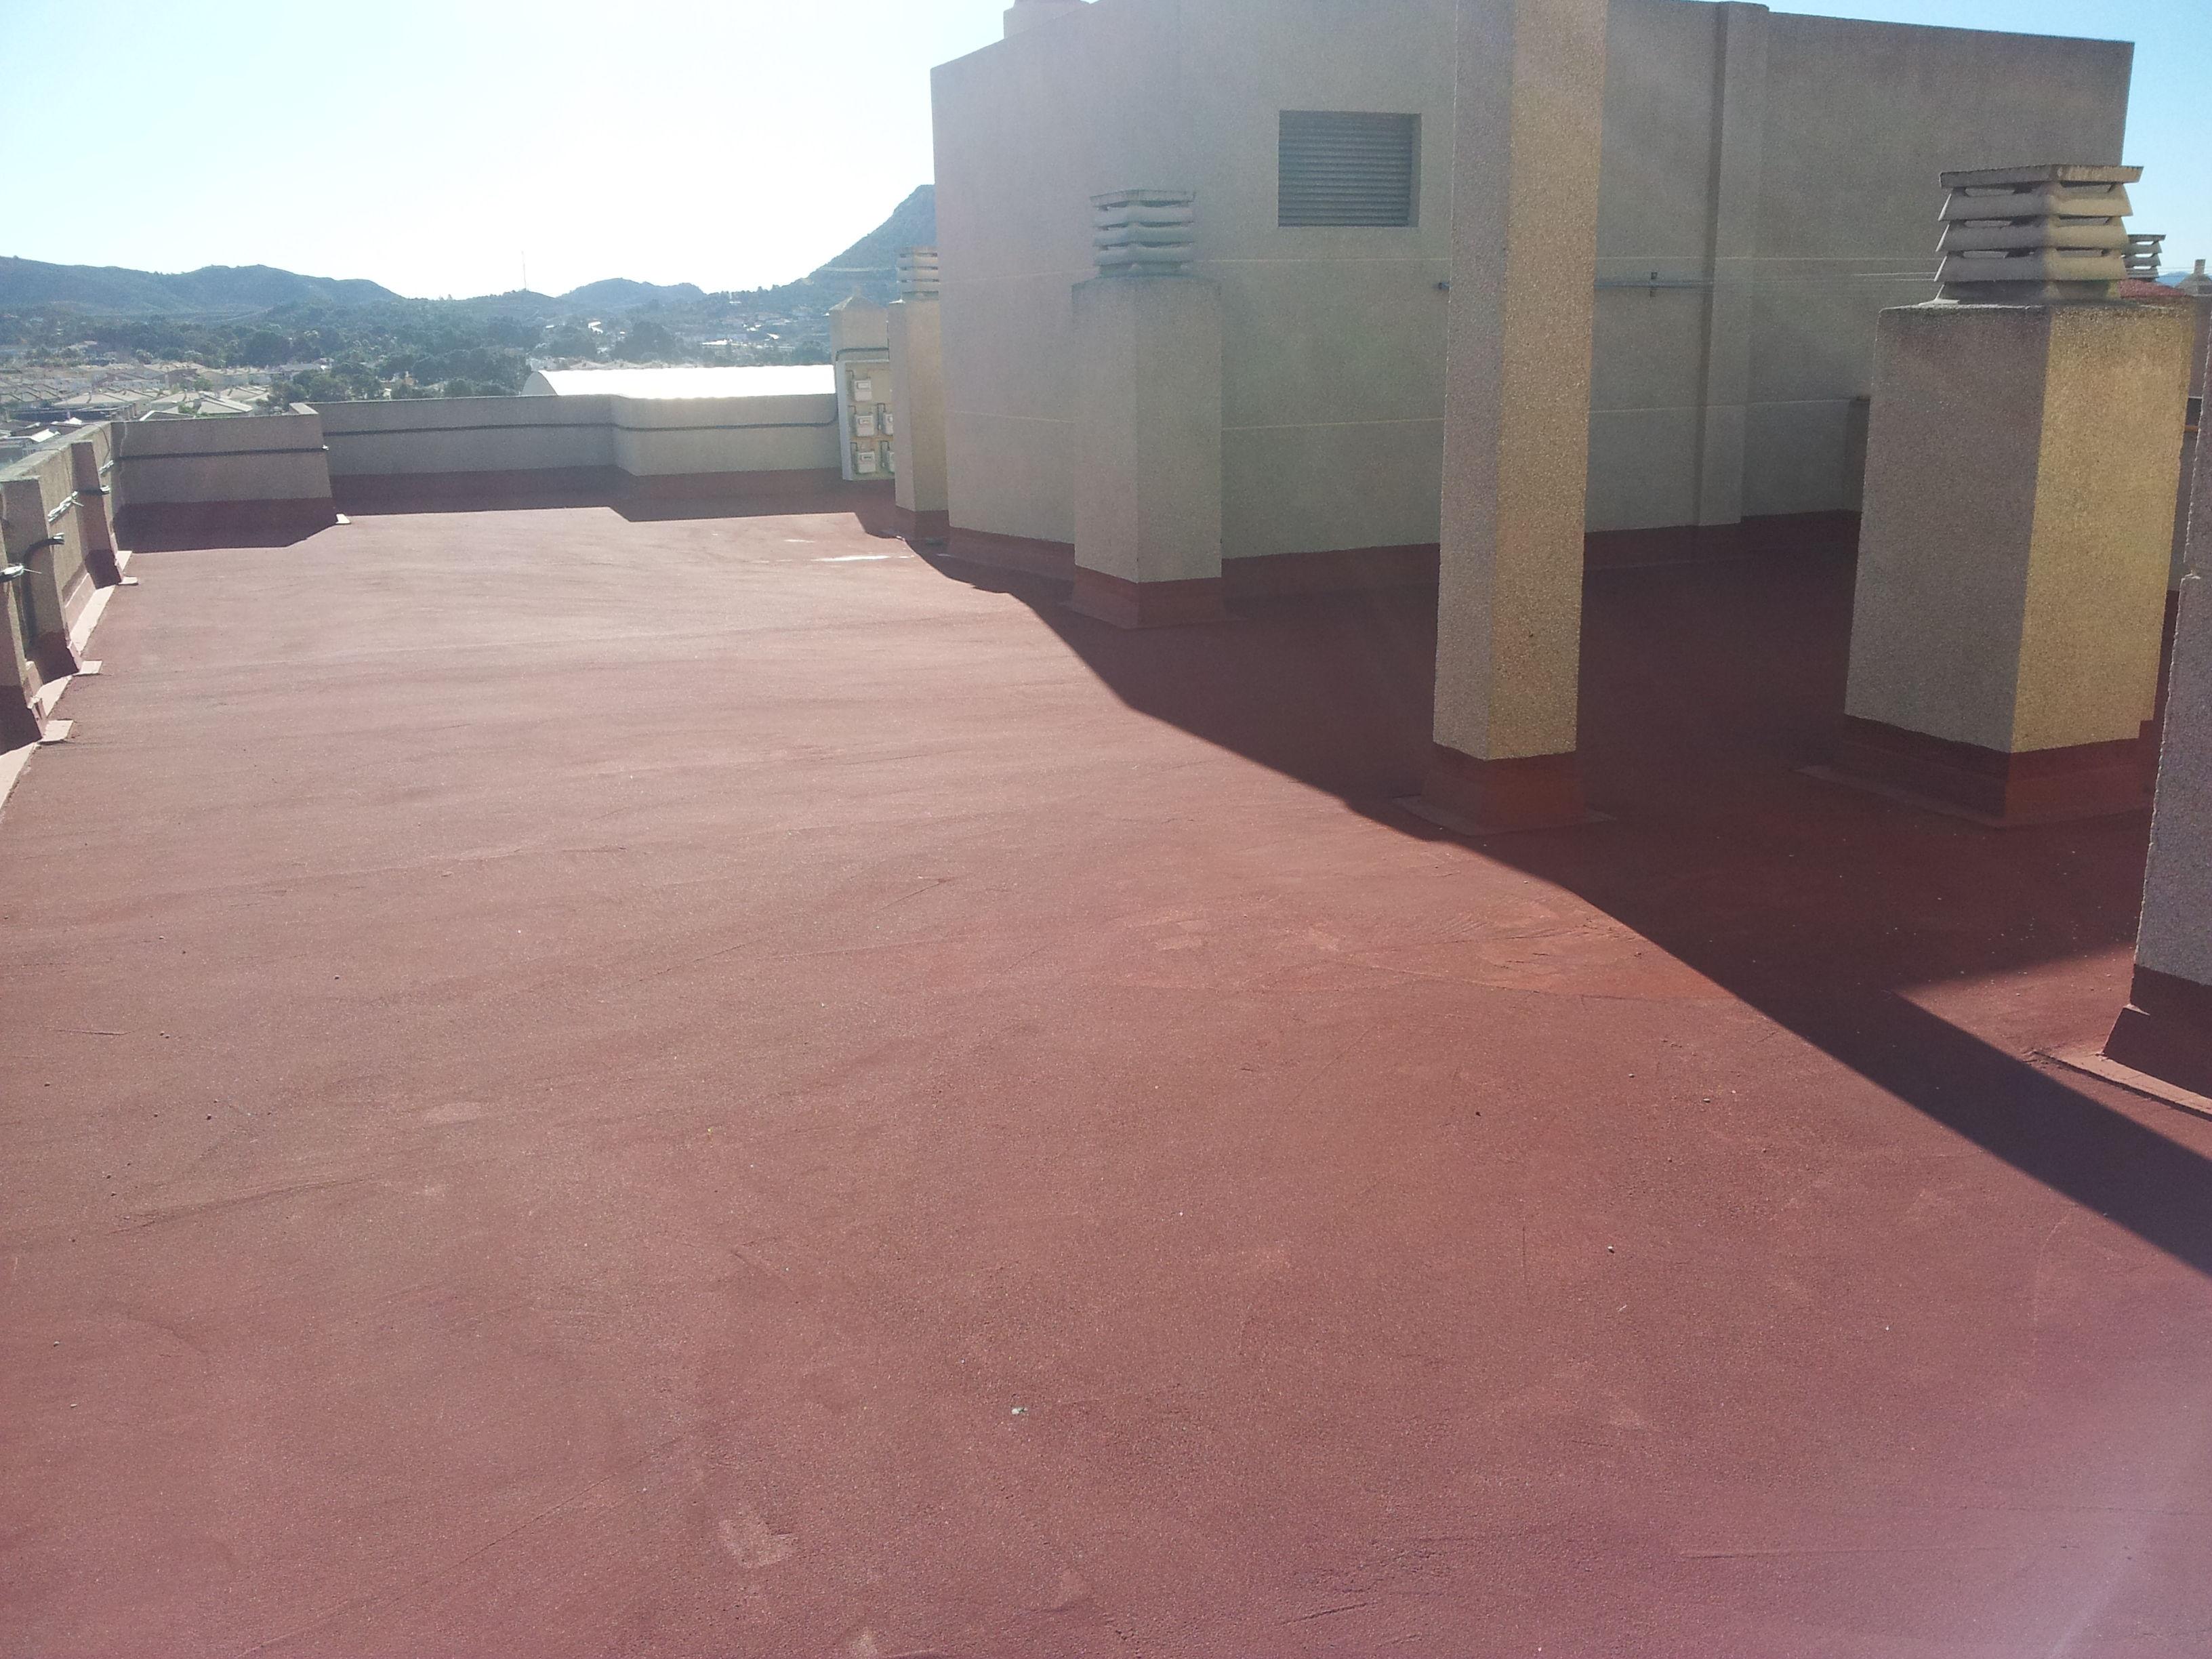 terraza impermeabilizada con caucho y fibra de vidreo mas proteccion con pavimento industrial slurry rojo